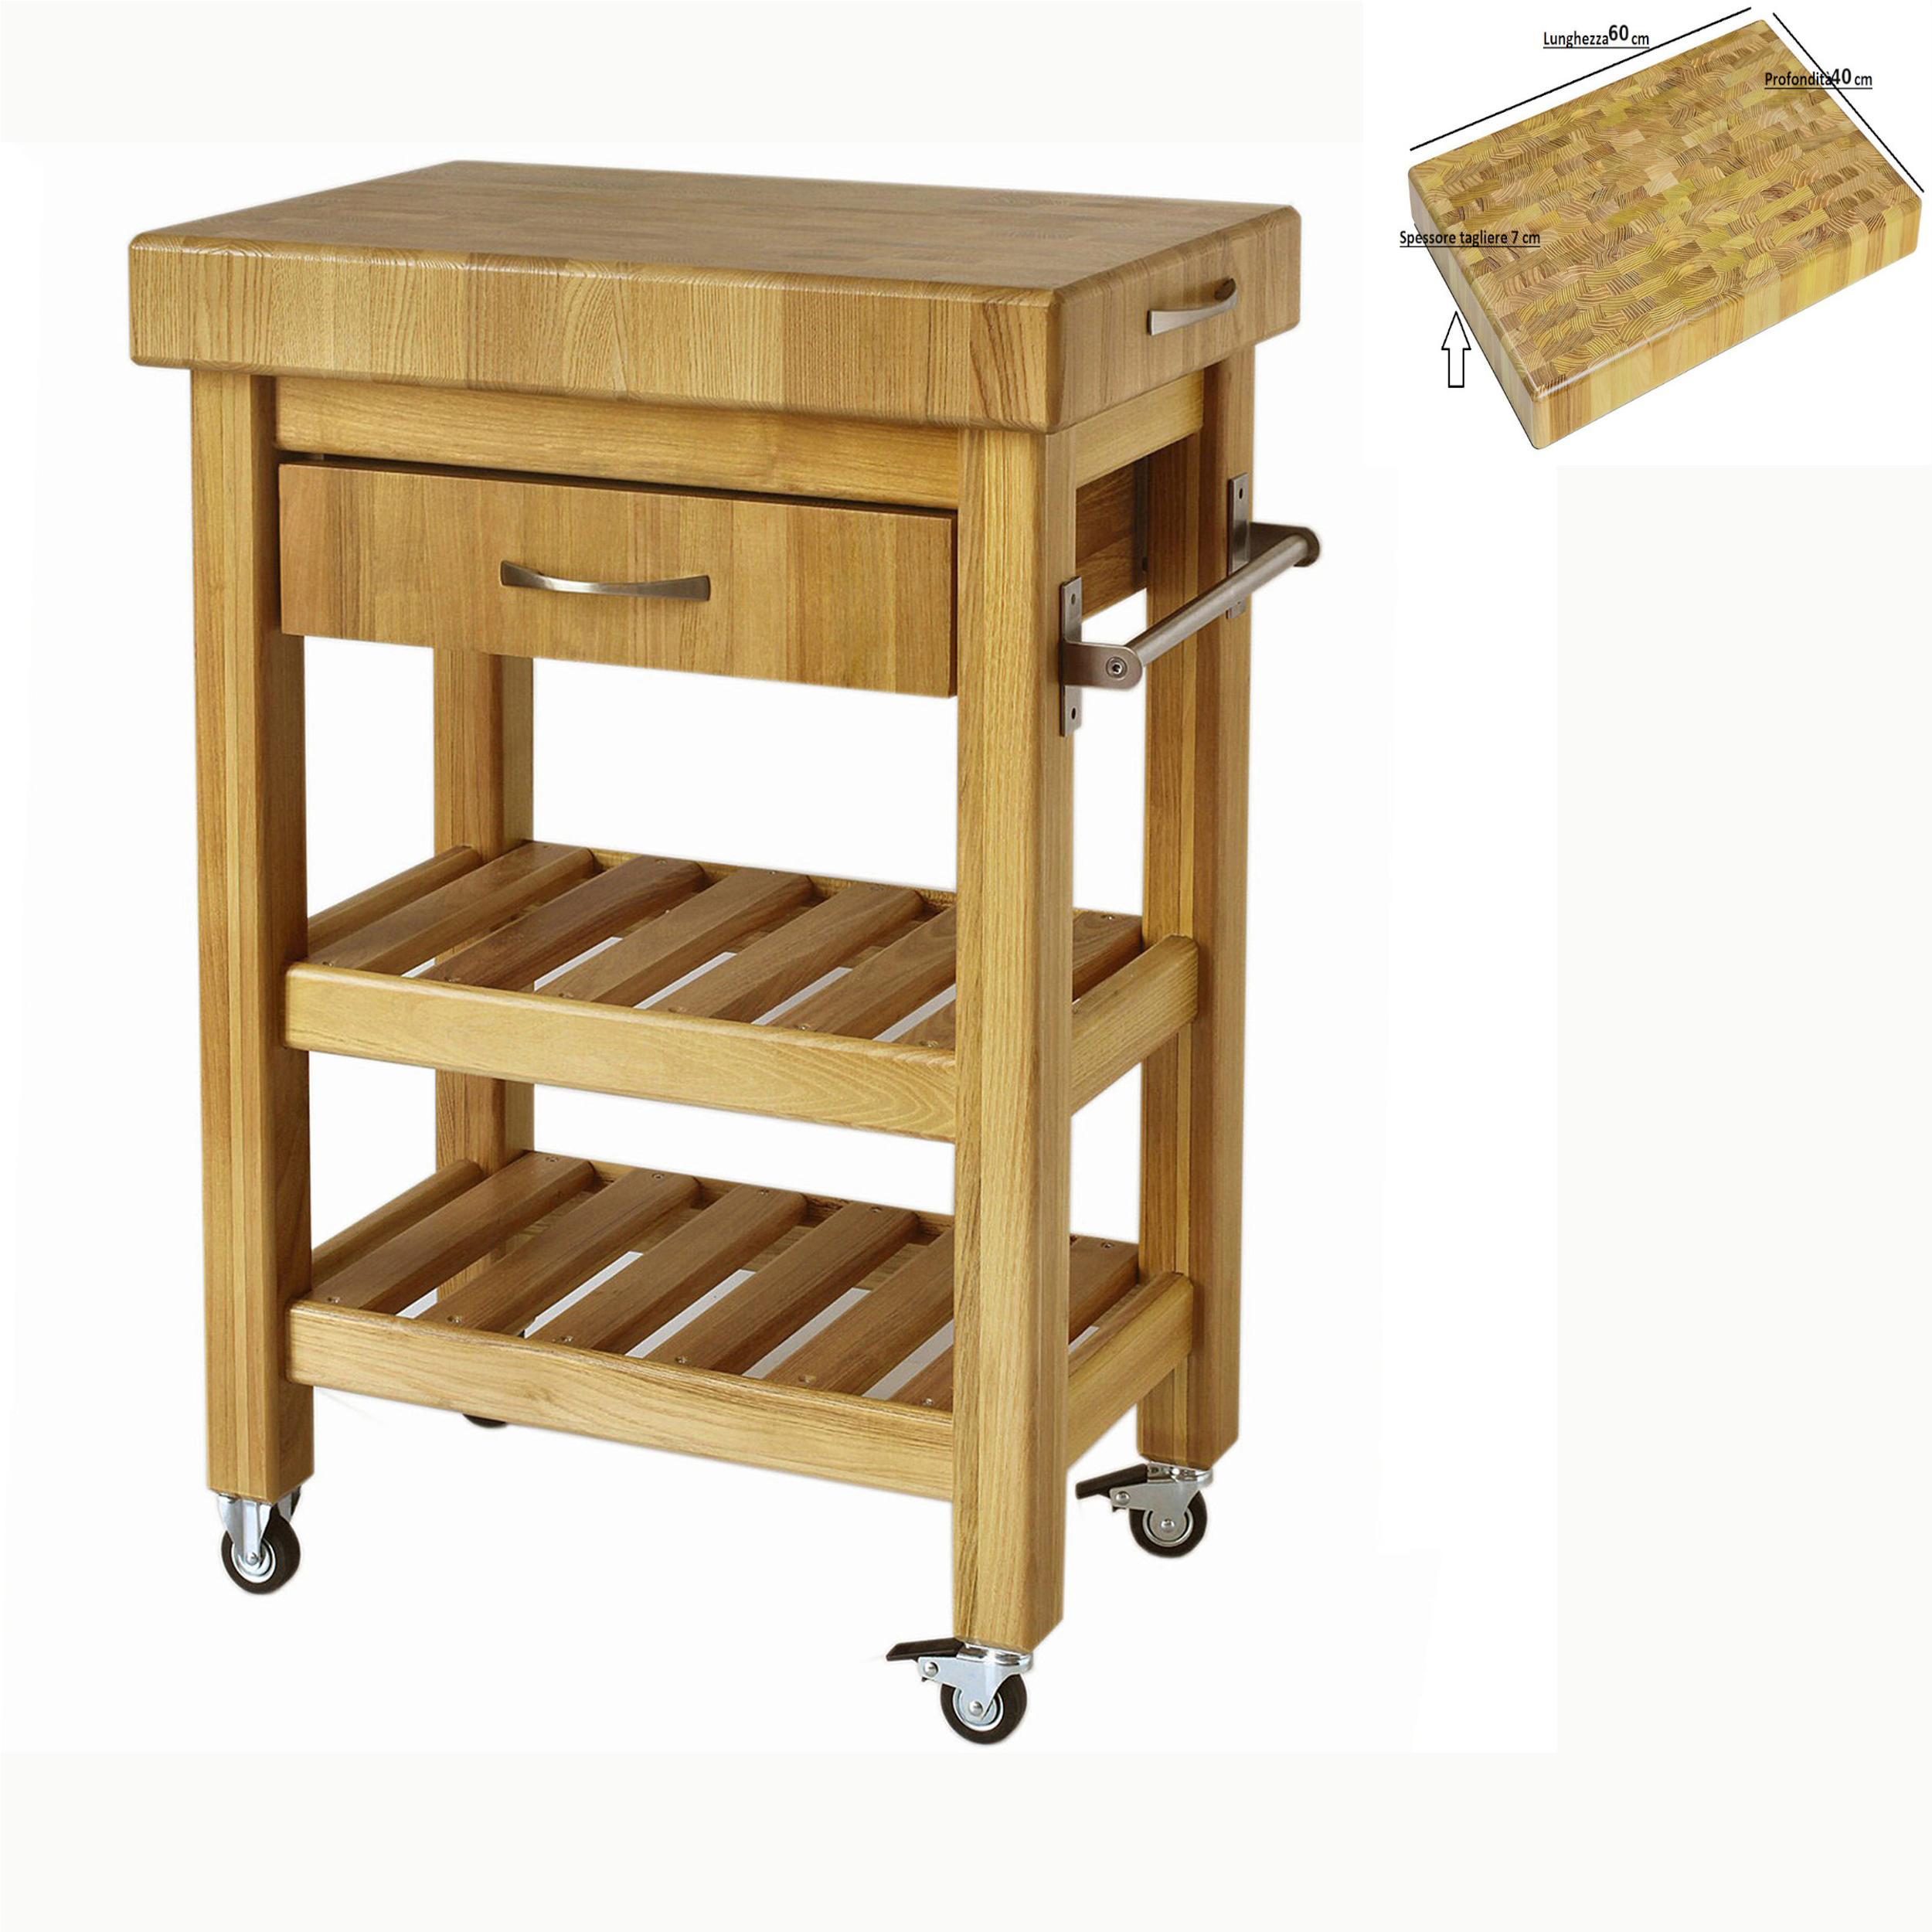 Carrello da cucina in legno massello con cassetto 60x40xh85 cm con tagliere  in legno   Spagnoli snc